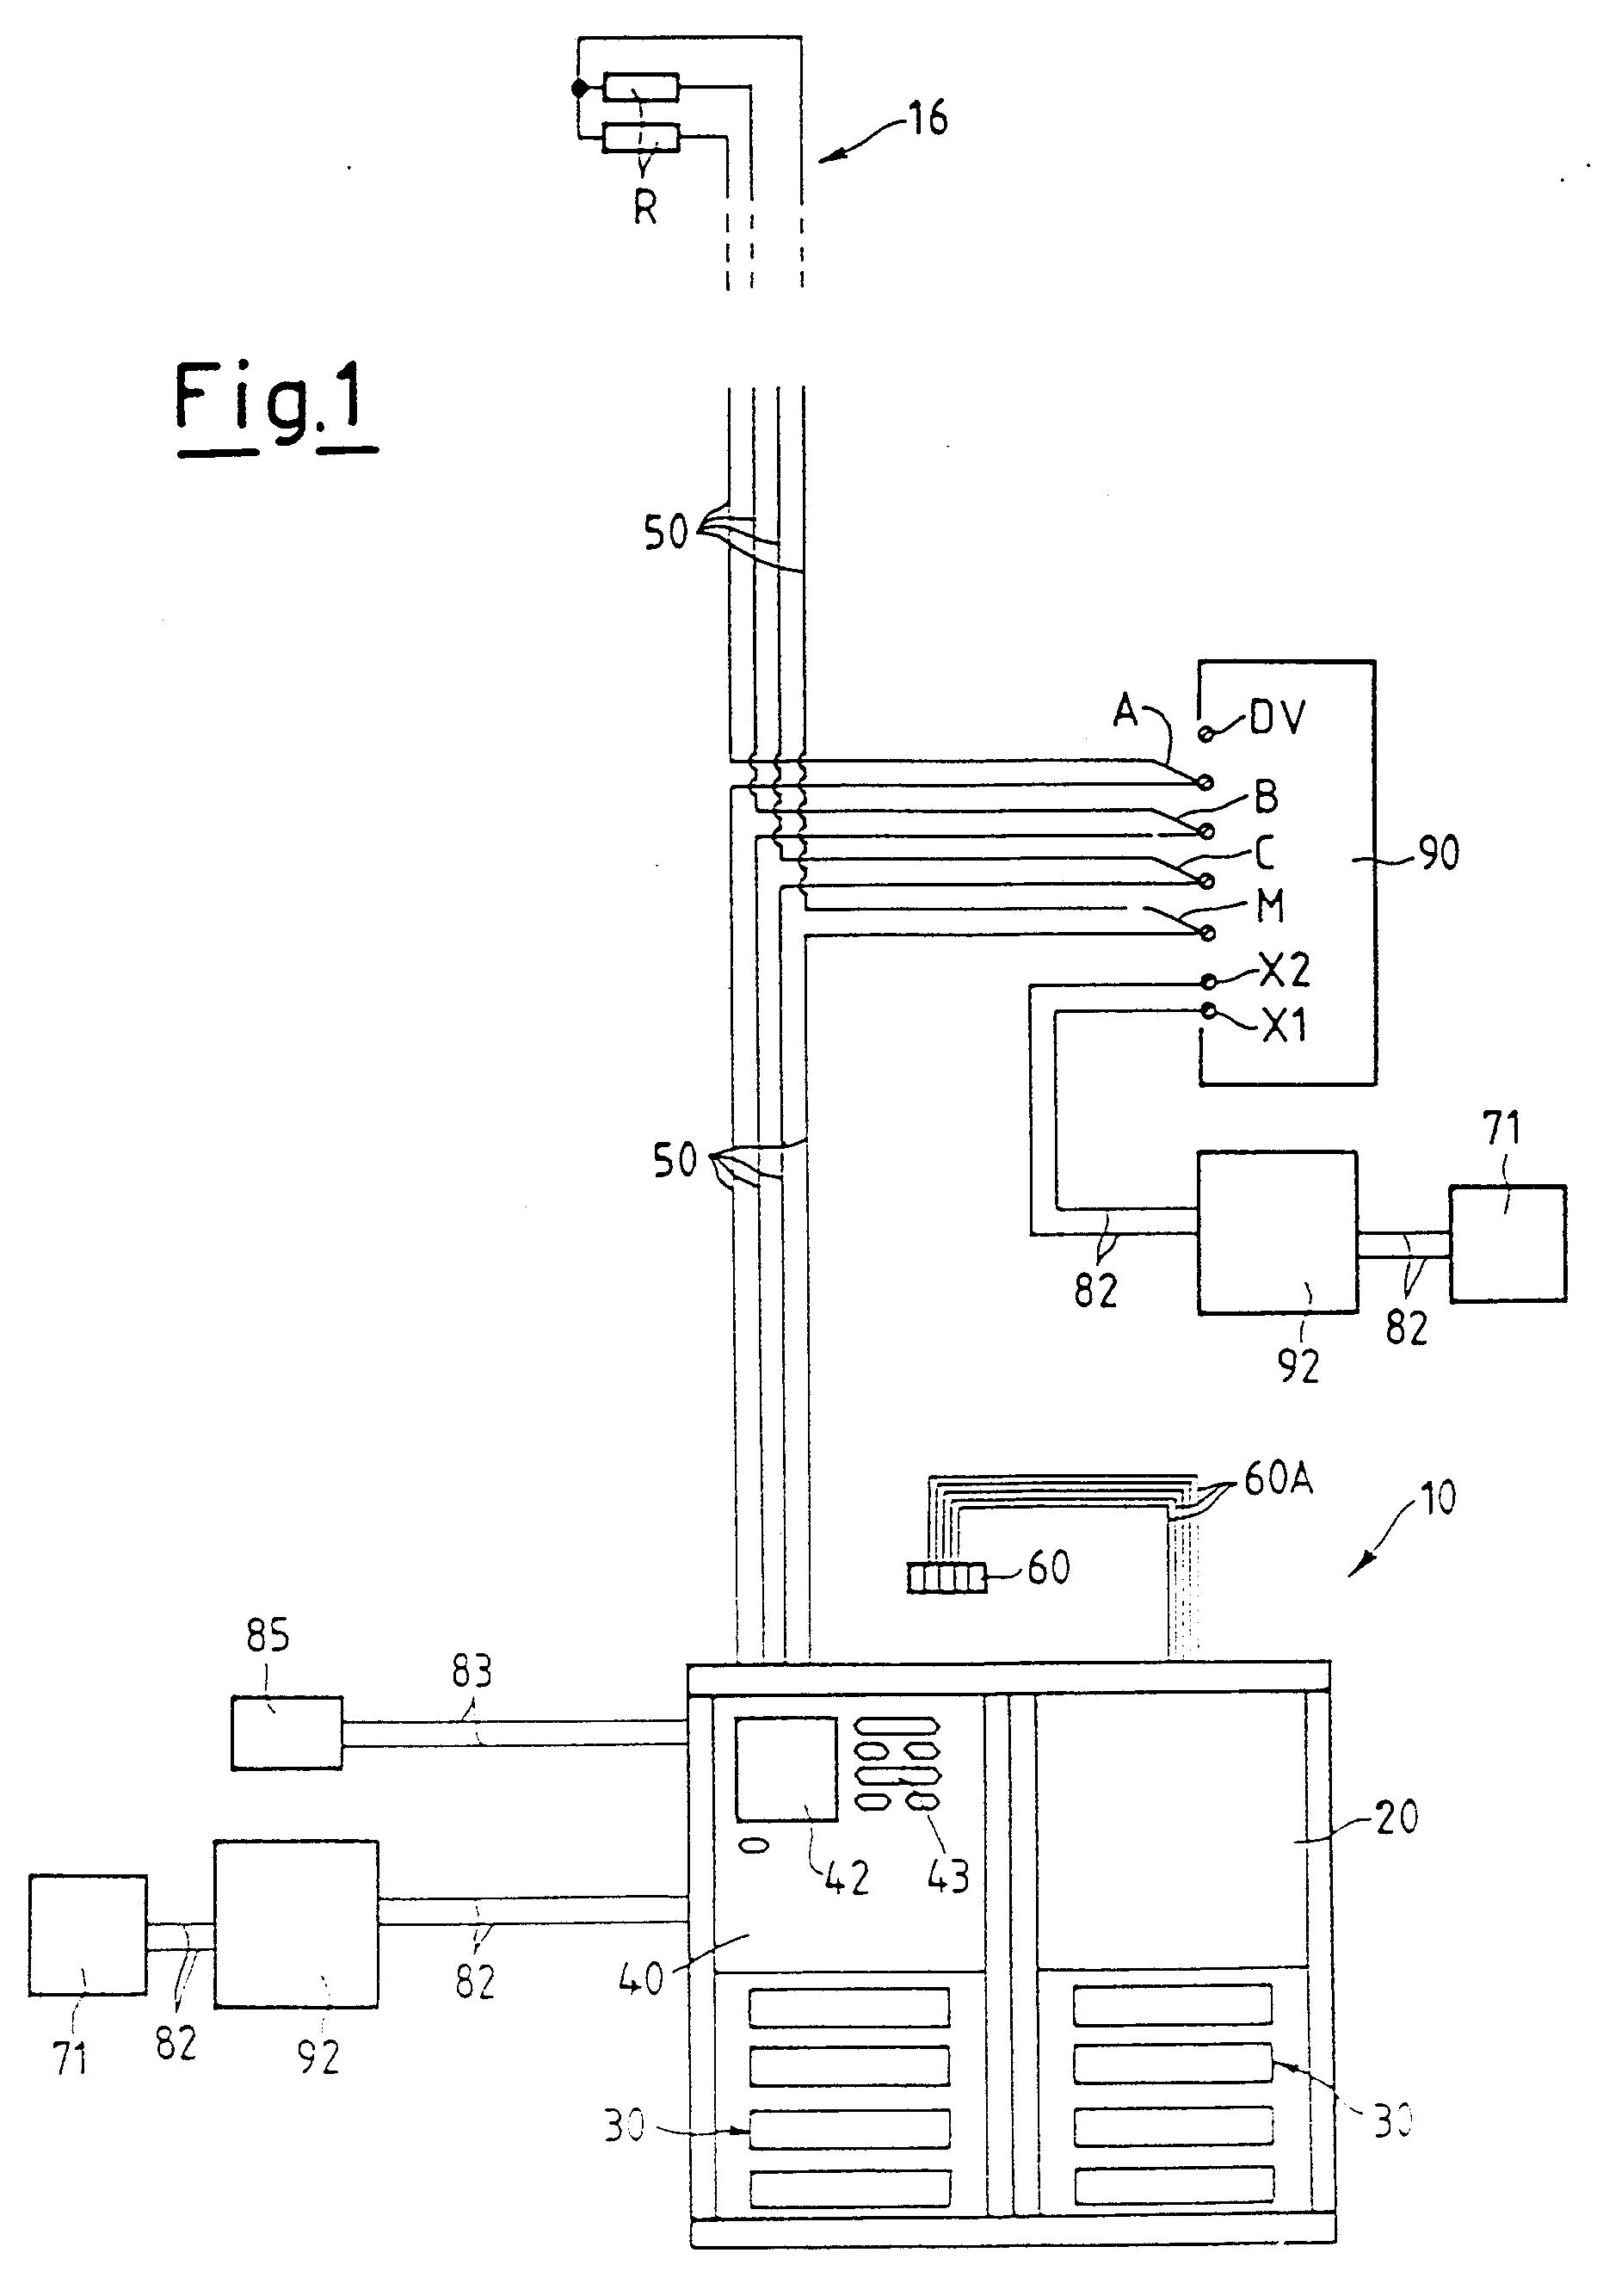 comelit wiring diagram data flow visio 2010 patent ep0876044a2 système de connection électrique pour